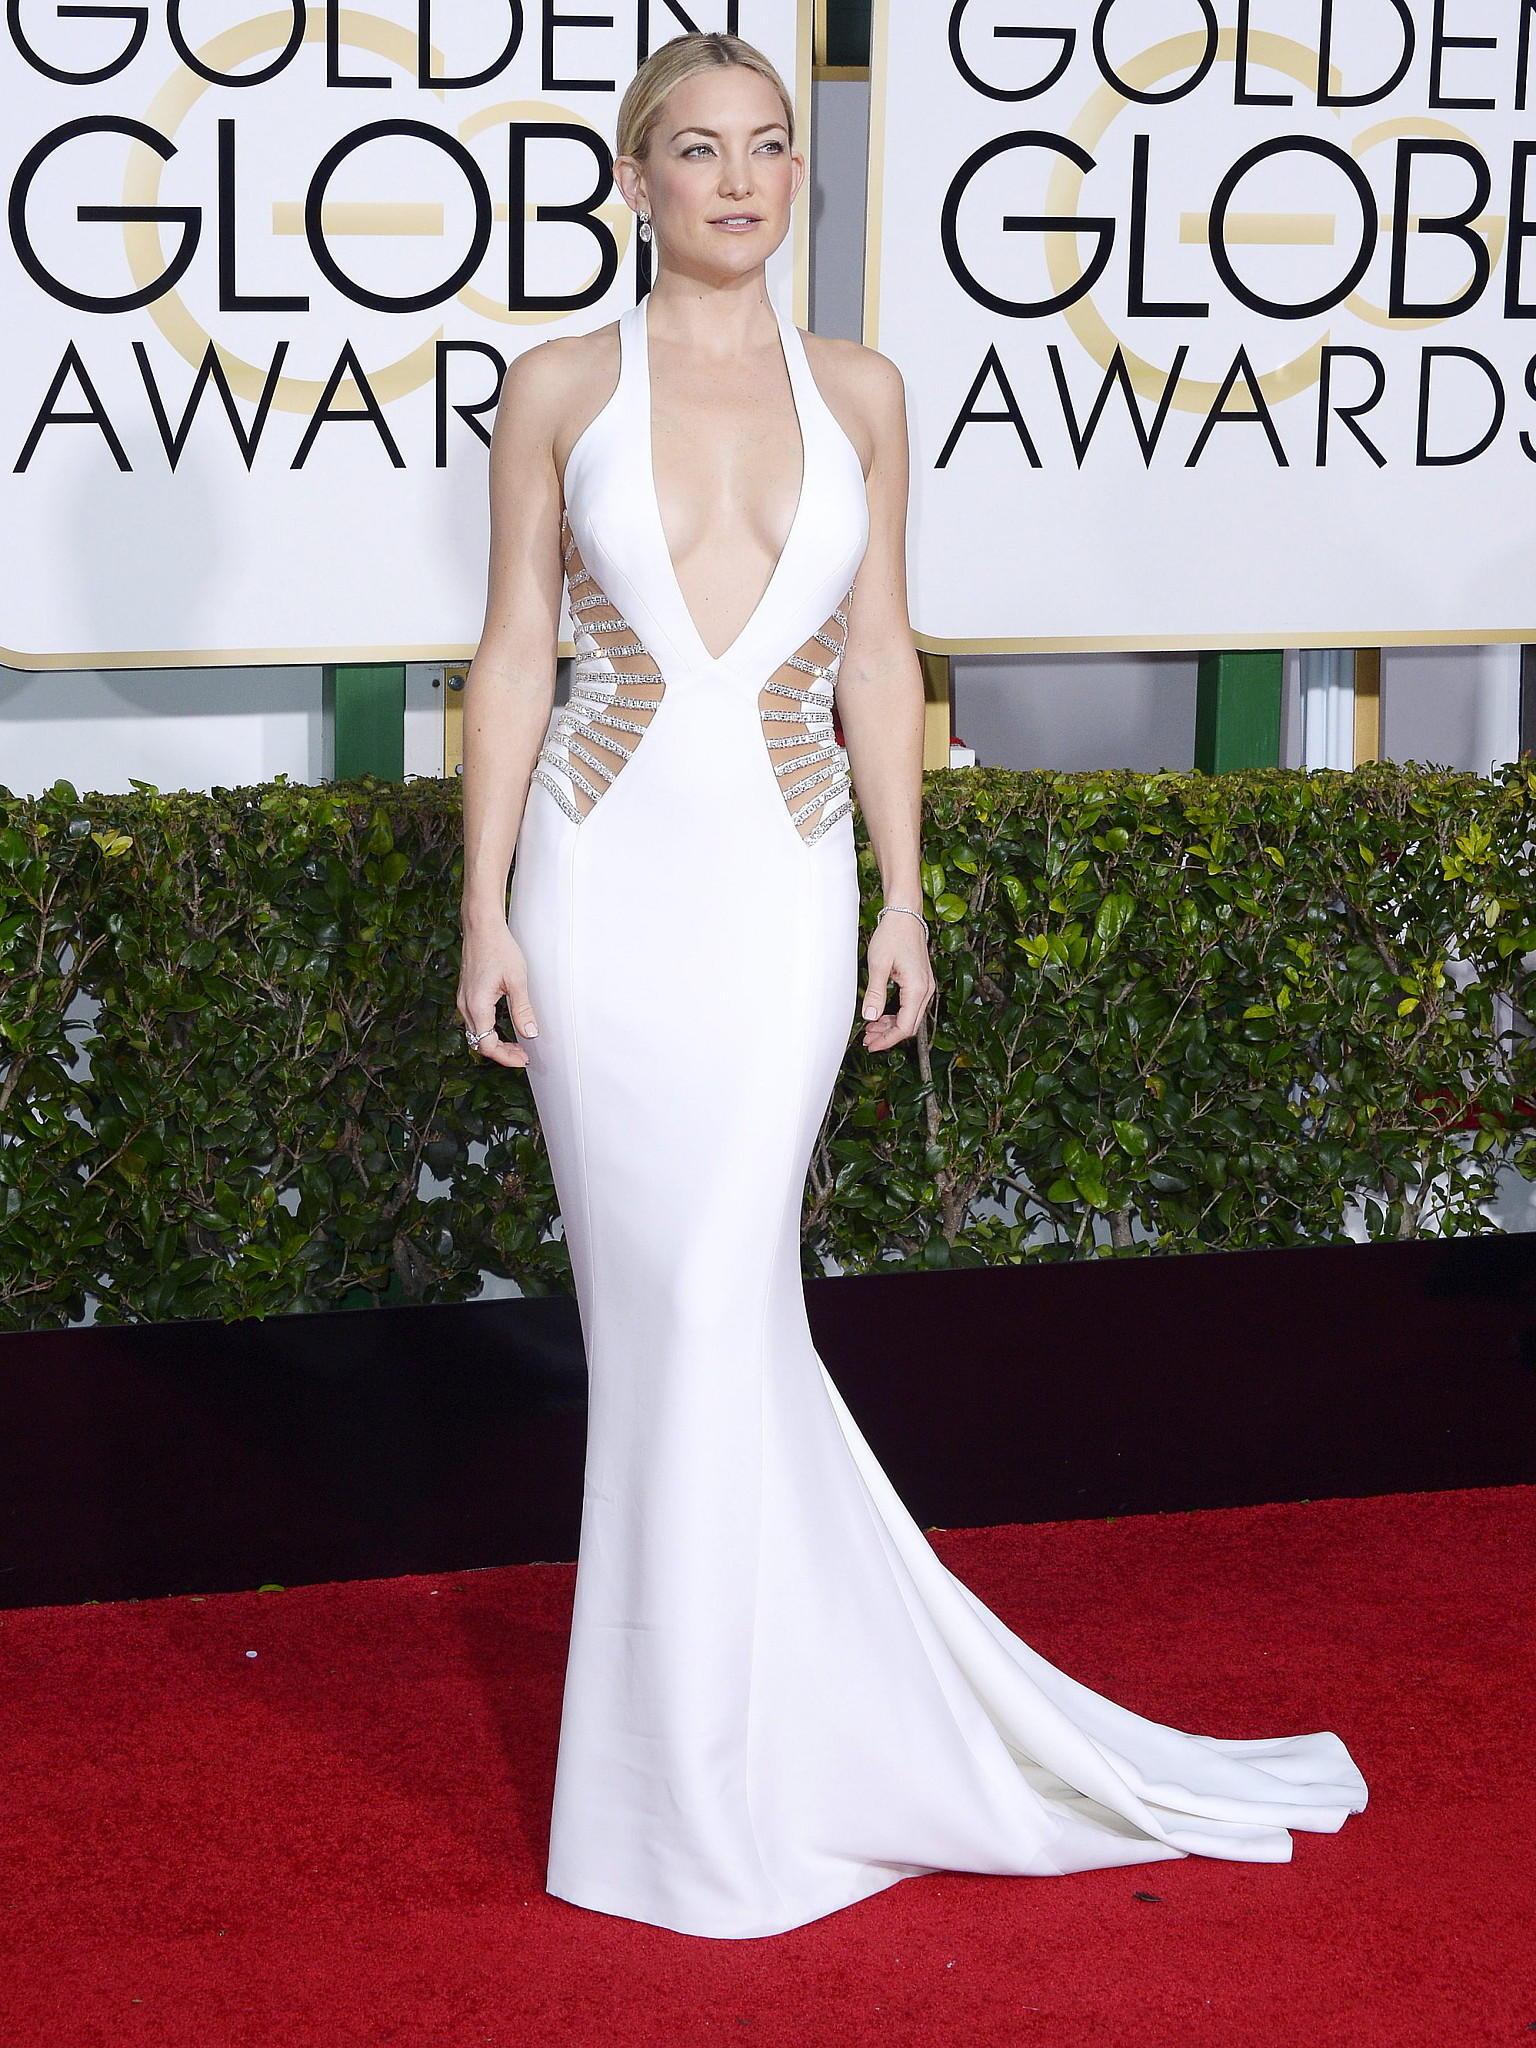 Golden Globes 2015 Die schönsten Looks der Stars